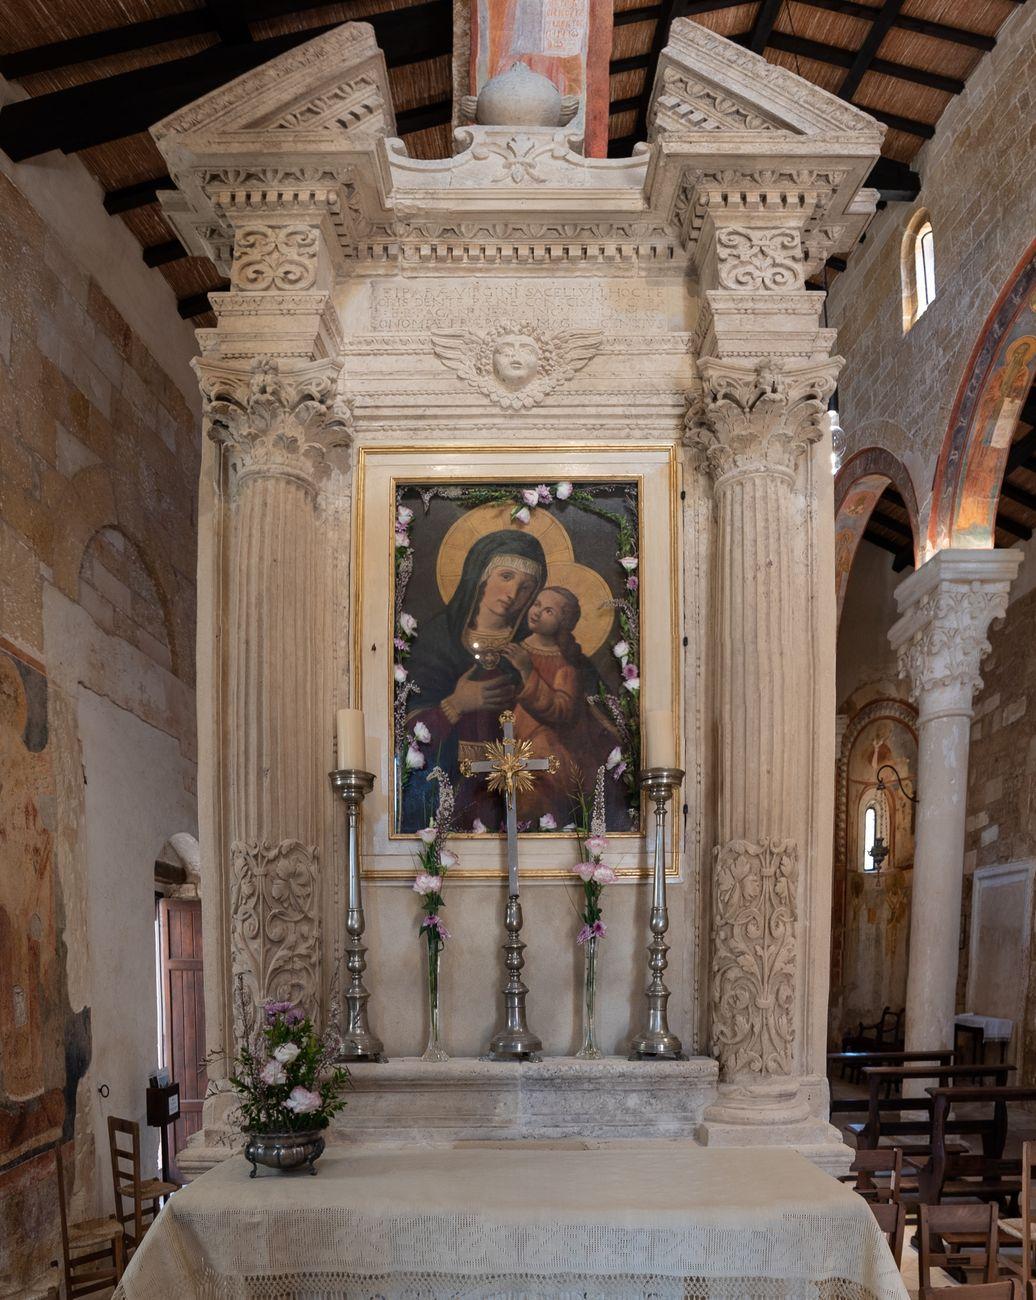 Altare della Vergine, Abbazia di Santa Maria di Cerrate. Photo Antonio Leo, 2018 © FAI - Fondo Ambiente Italiano